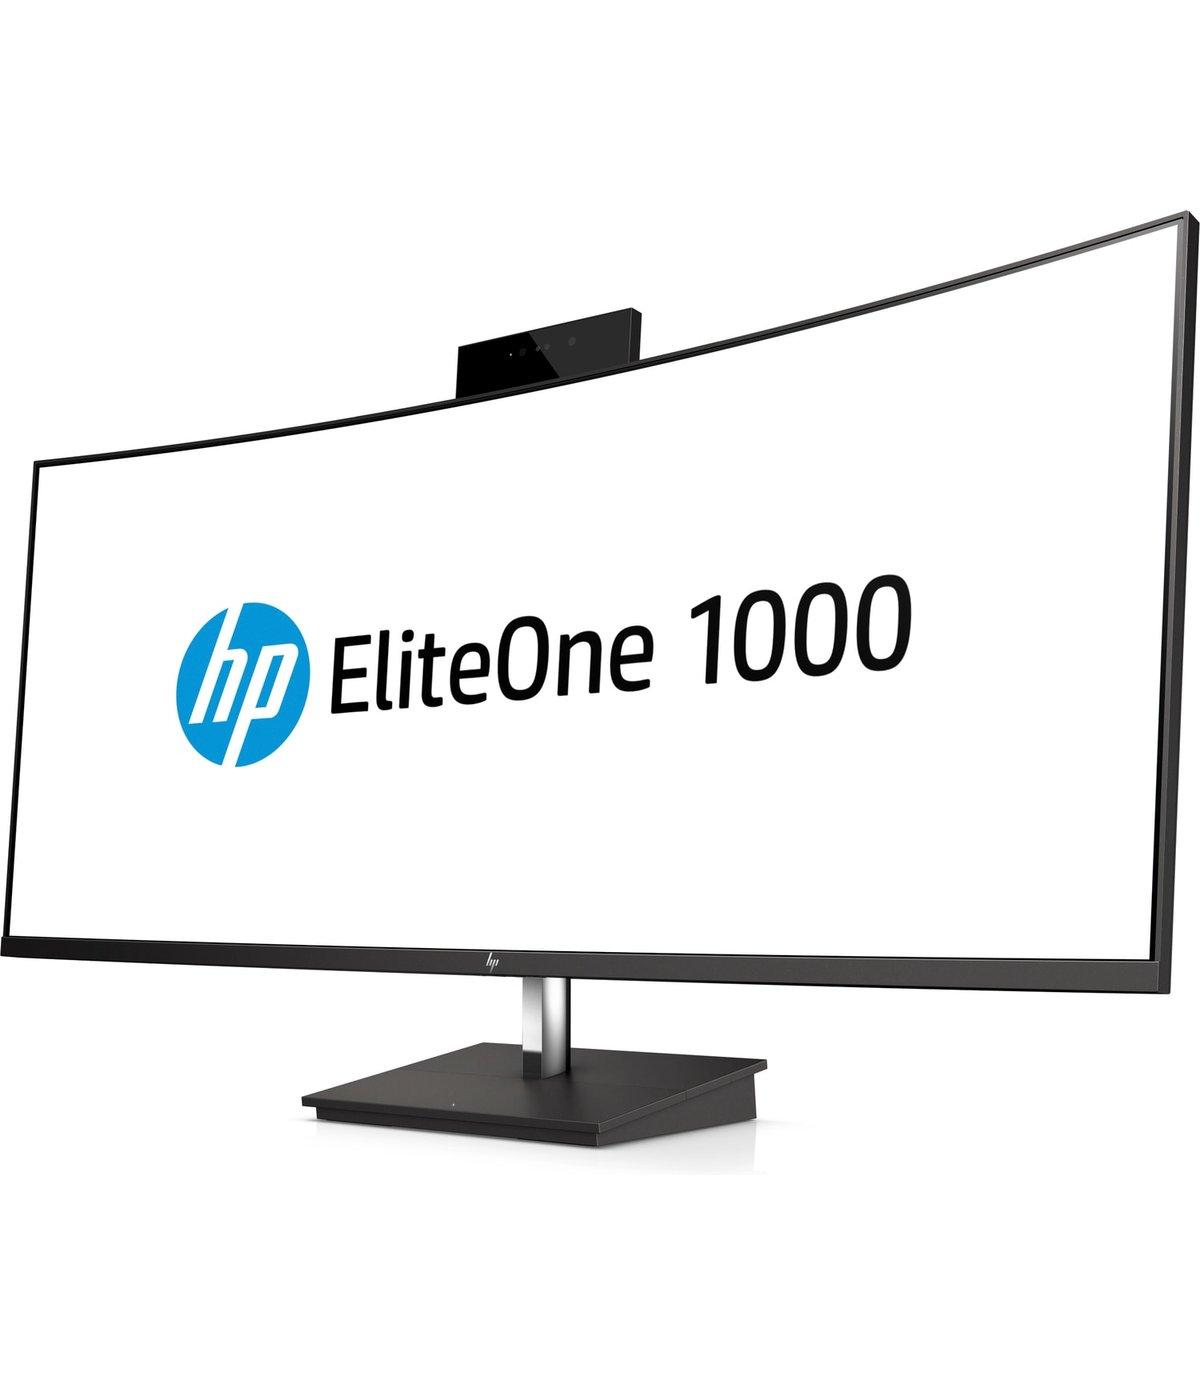 diapositive 3 sur 3,agrandir l'image, pc professionnel tout-en-un hp eliteone 1000 g2 34 pouces, incurvé